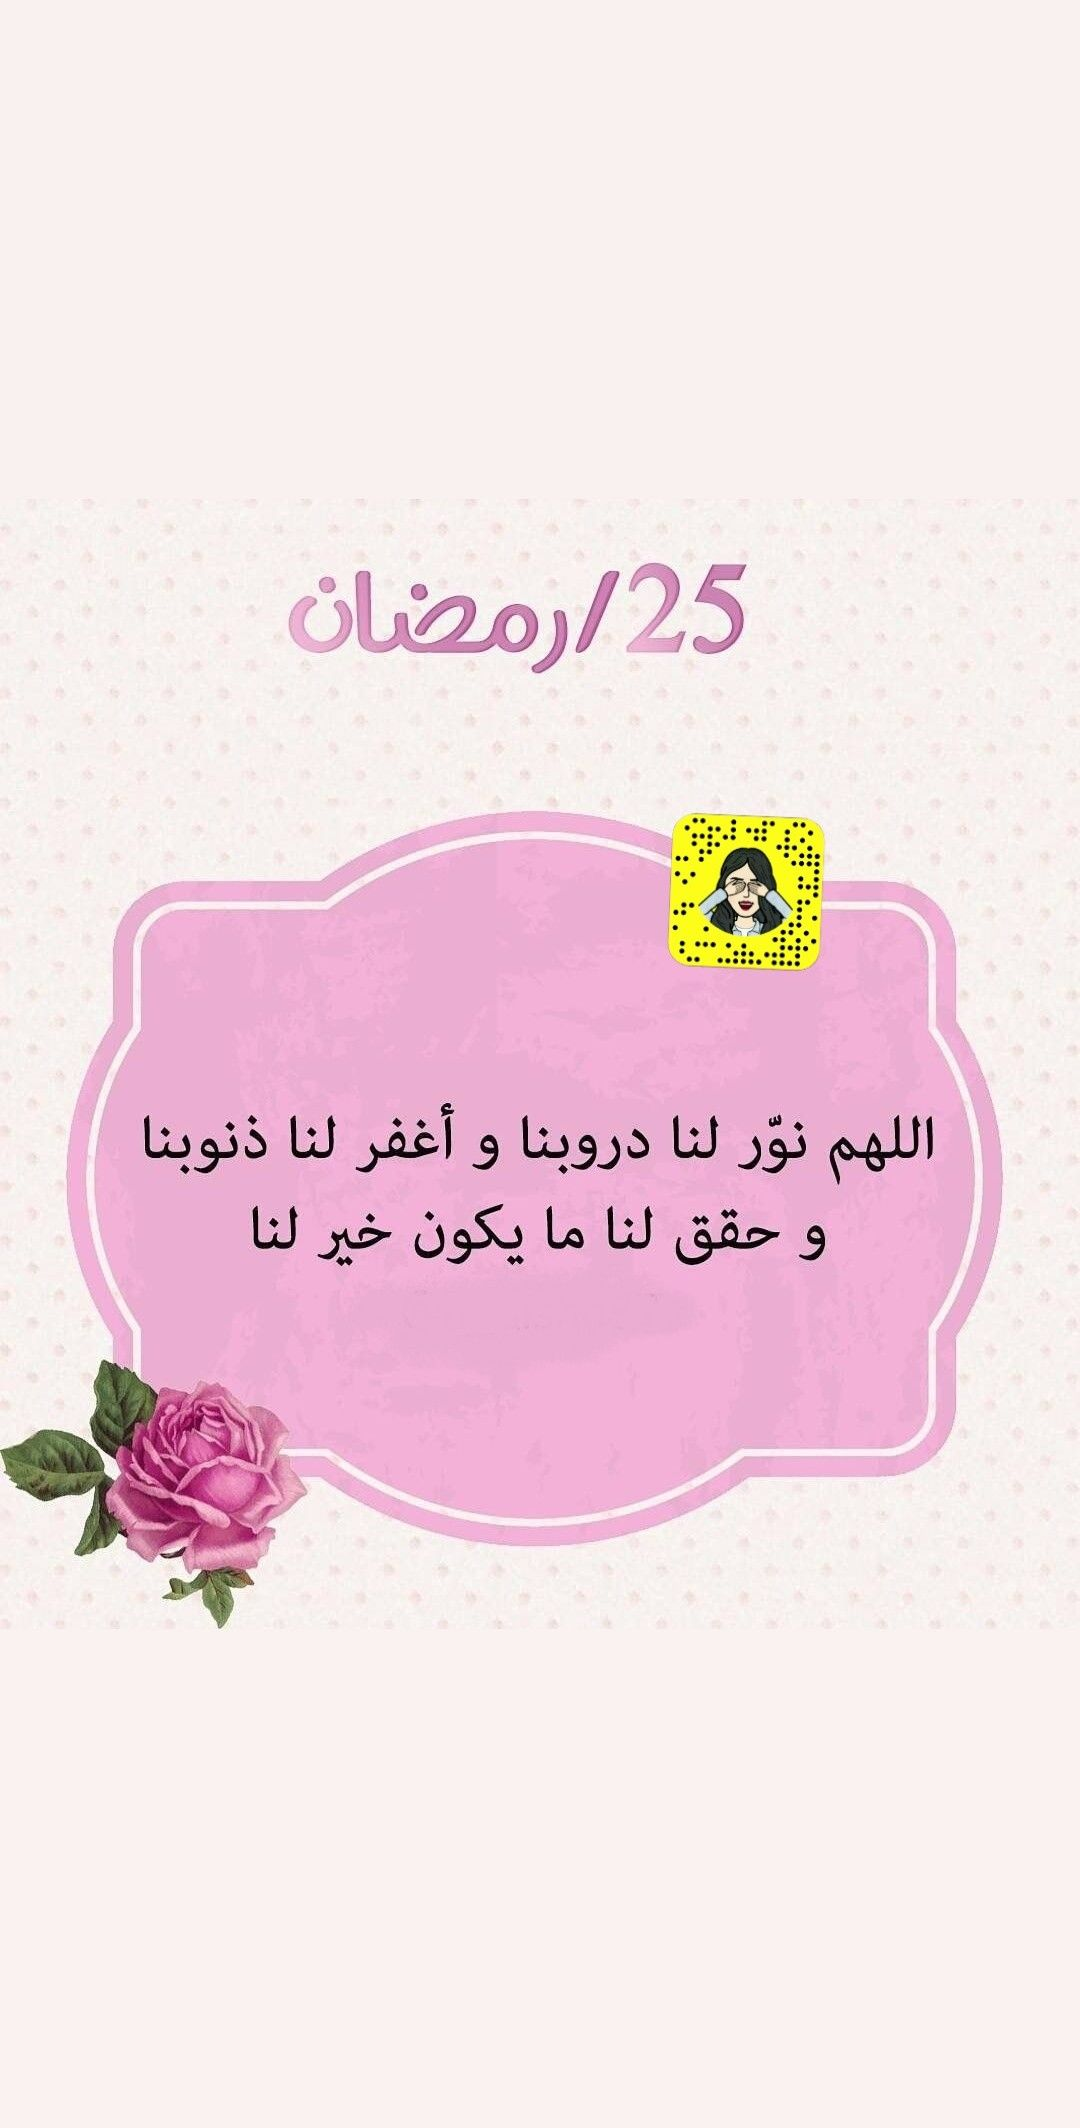 دعاء 25 رمضان